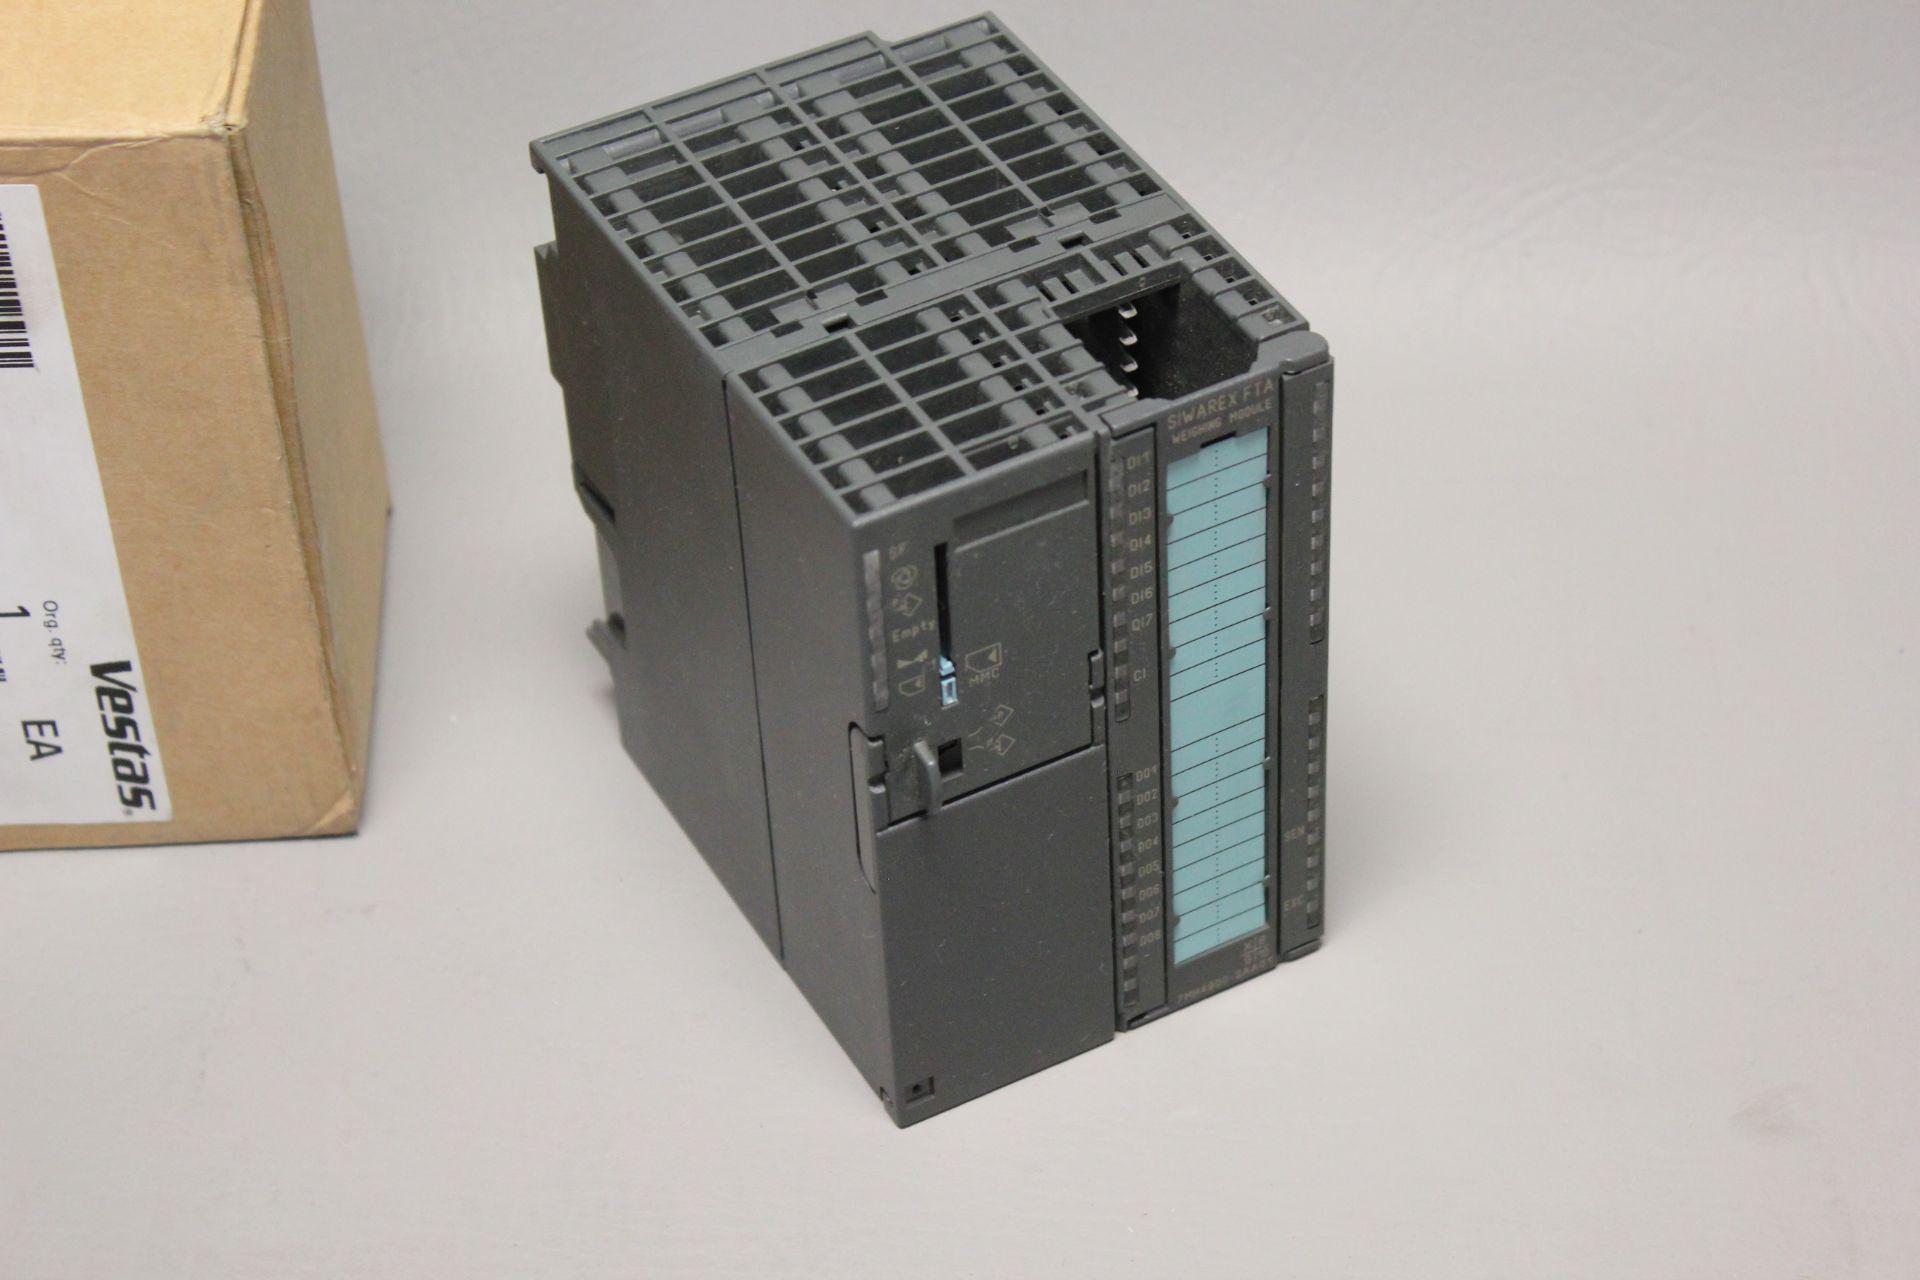 NEW SIEMENS SIWAREX FTA PLC WEIGHING MODULE - Image 3 of 8